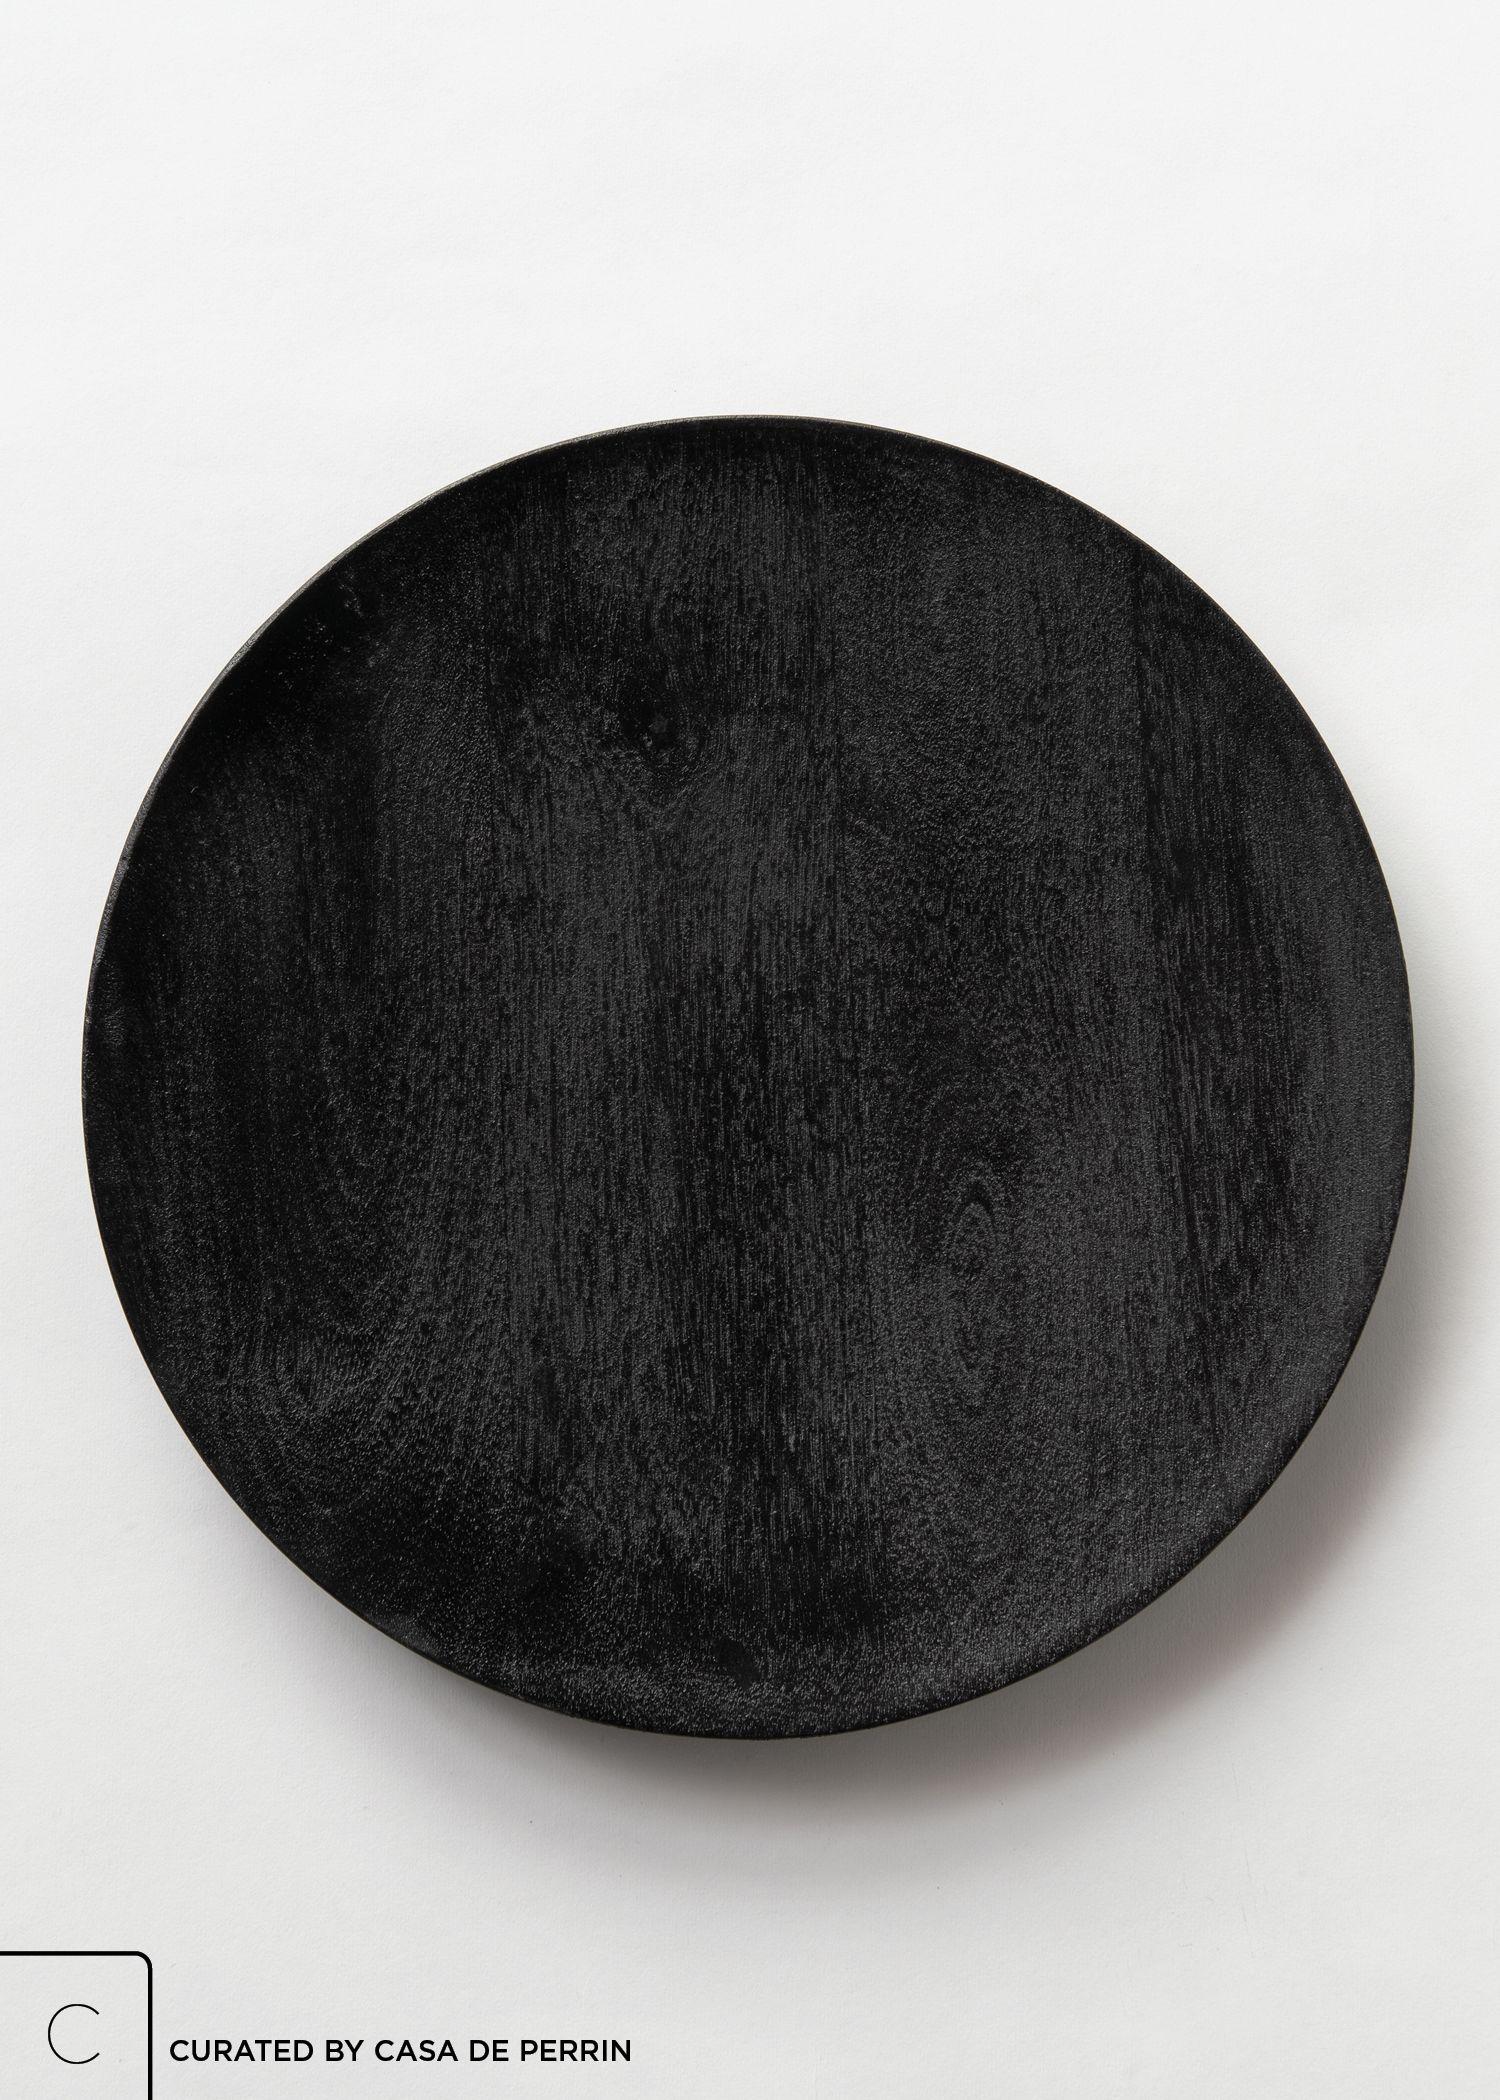 Acacia Black In 2020 Black Charger Casa De Perrin Acacia